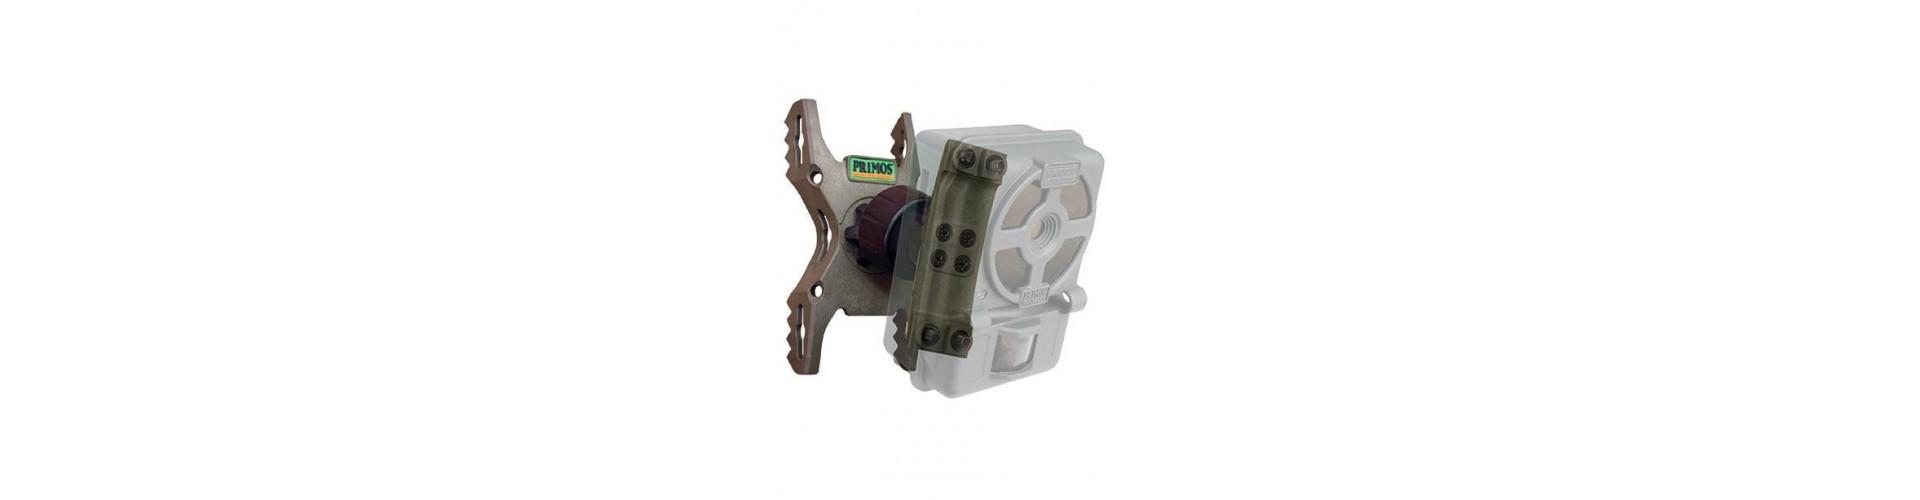 Vildtkamera tilbehør - Køb tilbehør, montage og SD kort til vildtkamera